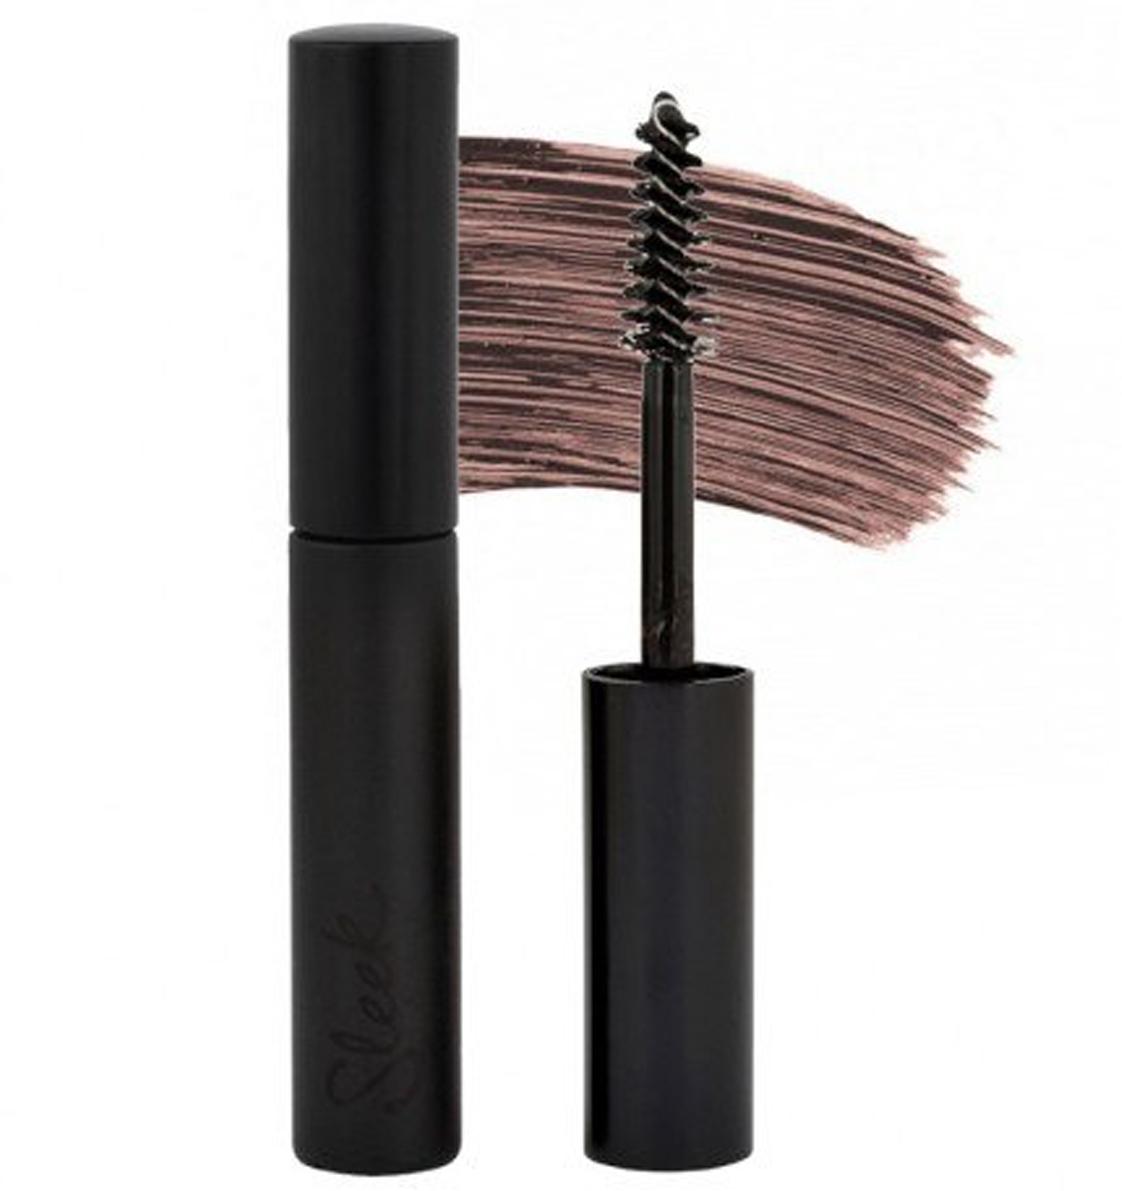 SLEEK MAKEUP Гель для бровей BROW PERFECTOR Dark Brown 042, 0.012гр96108123высокопигментированный гель для бровей от Sleek MakeUP станет идеальным инструментом для оформления бровейКак создать идеальные брови: пошаговая инструкция. Статья OZON Гид